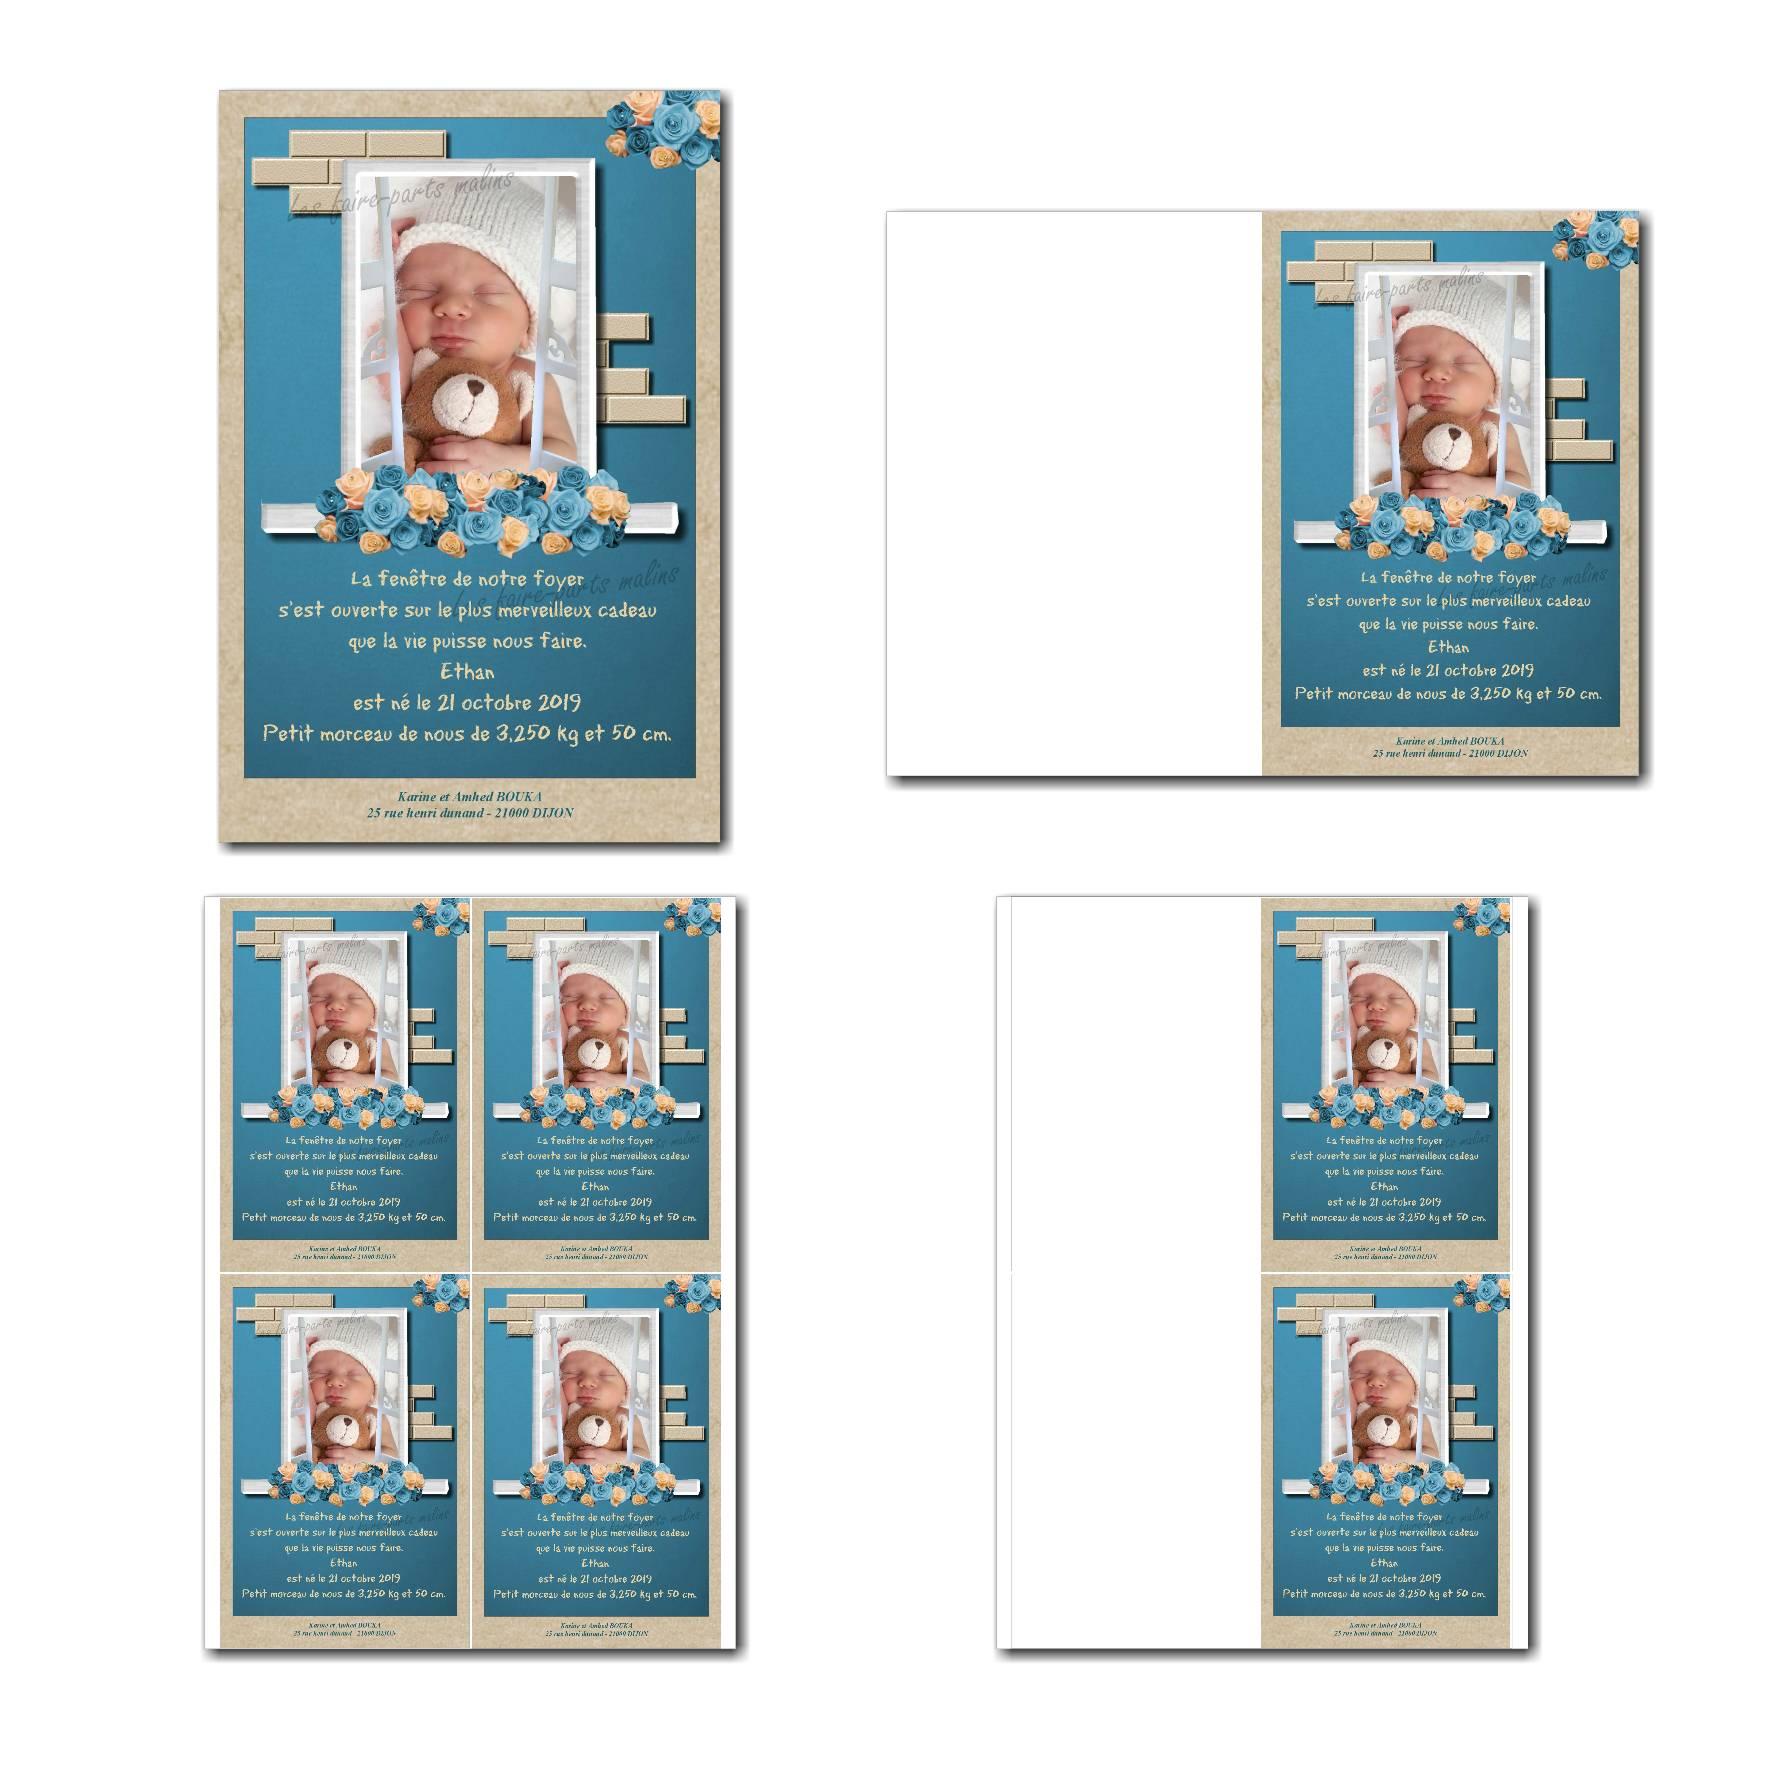 faire-part à imprimer photo enfant derrière fenêtre avec fond bleu